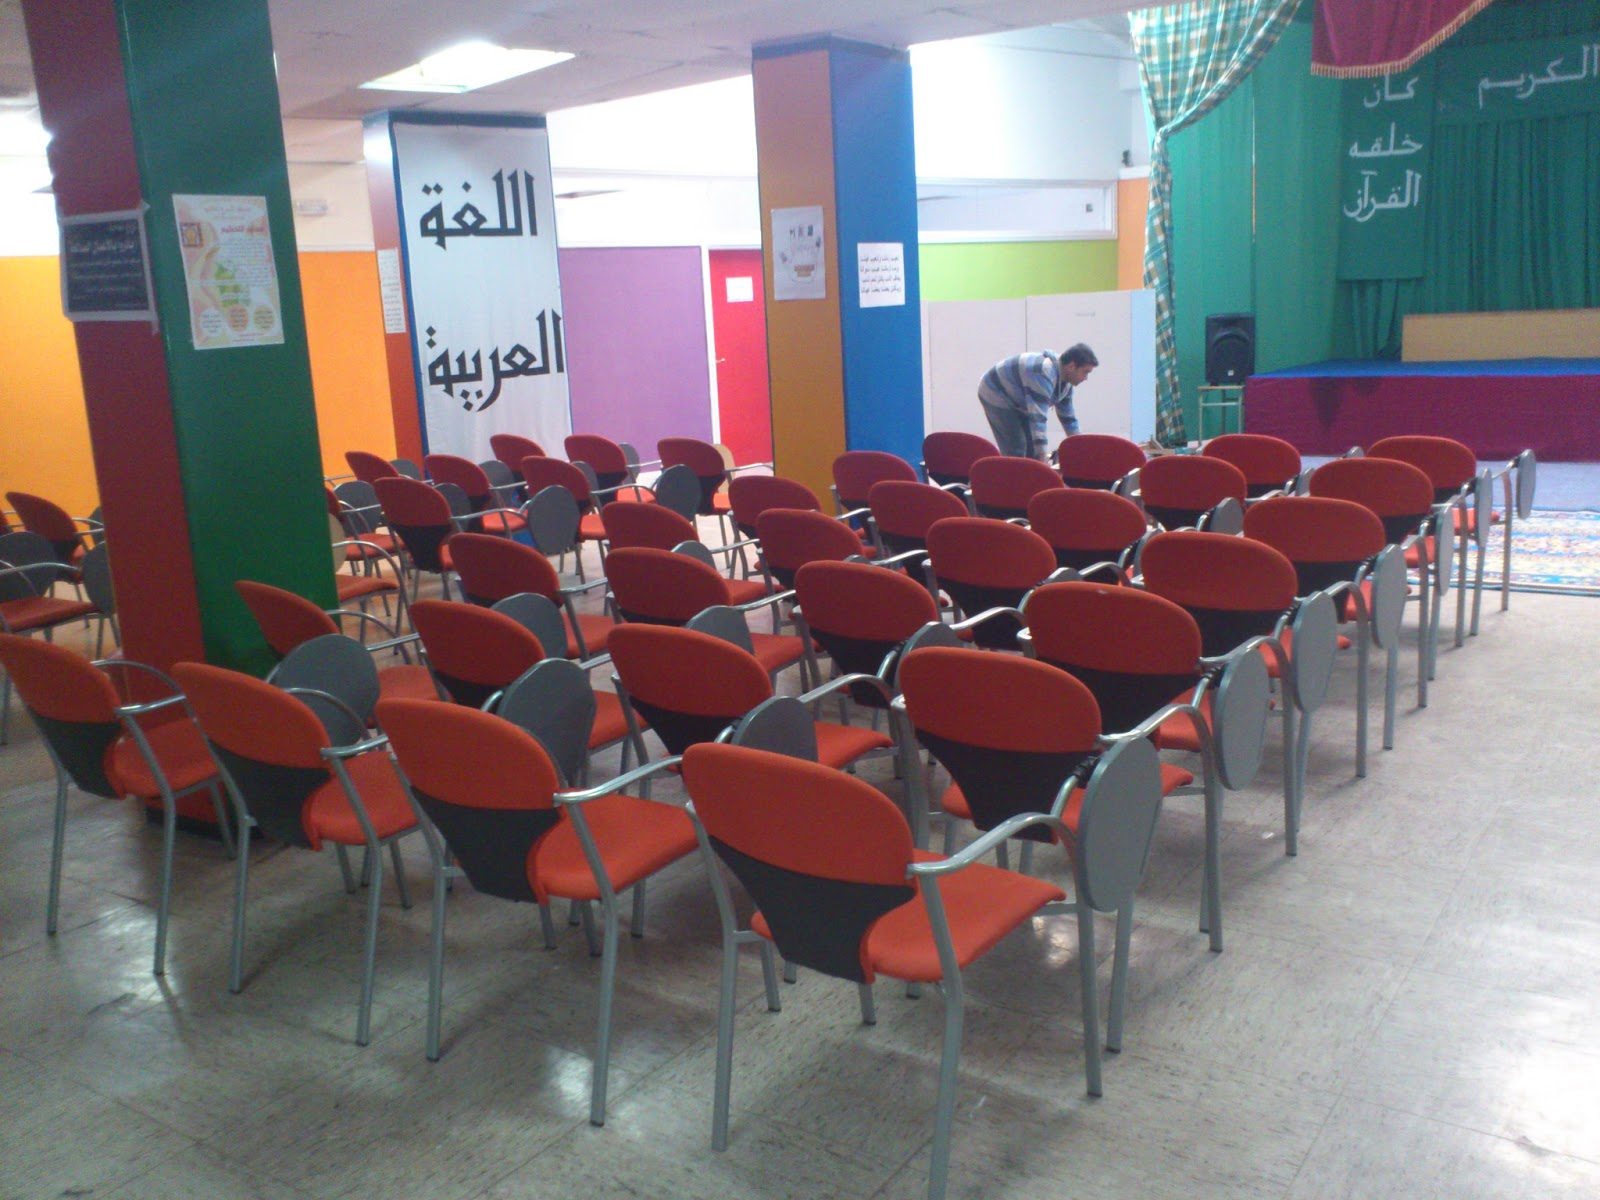 Comunidad Islámica de Zaragoza presenta sus nuevas instalaciones